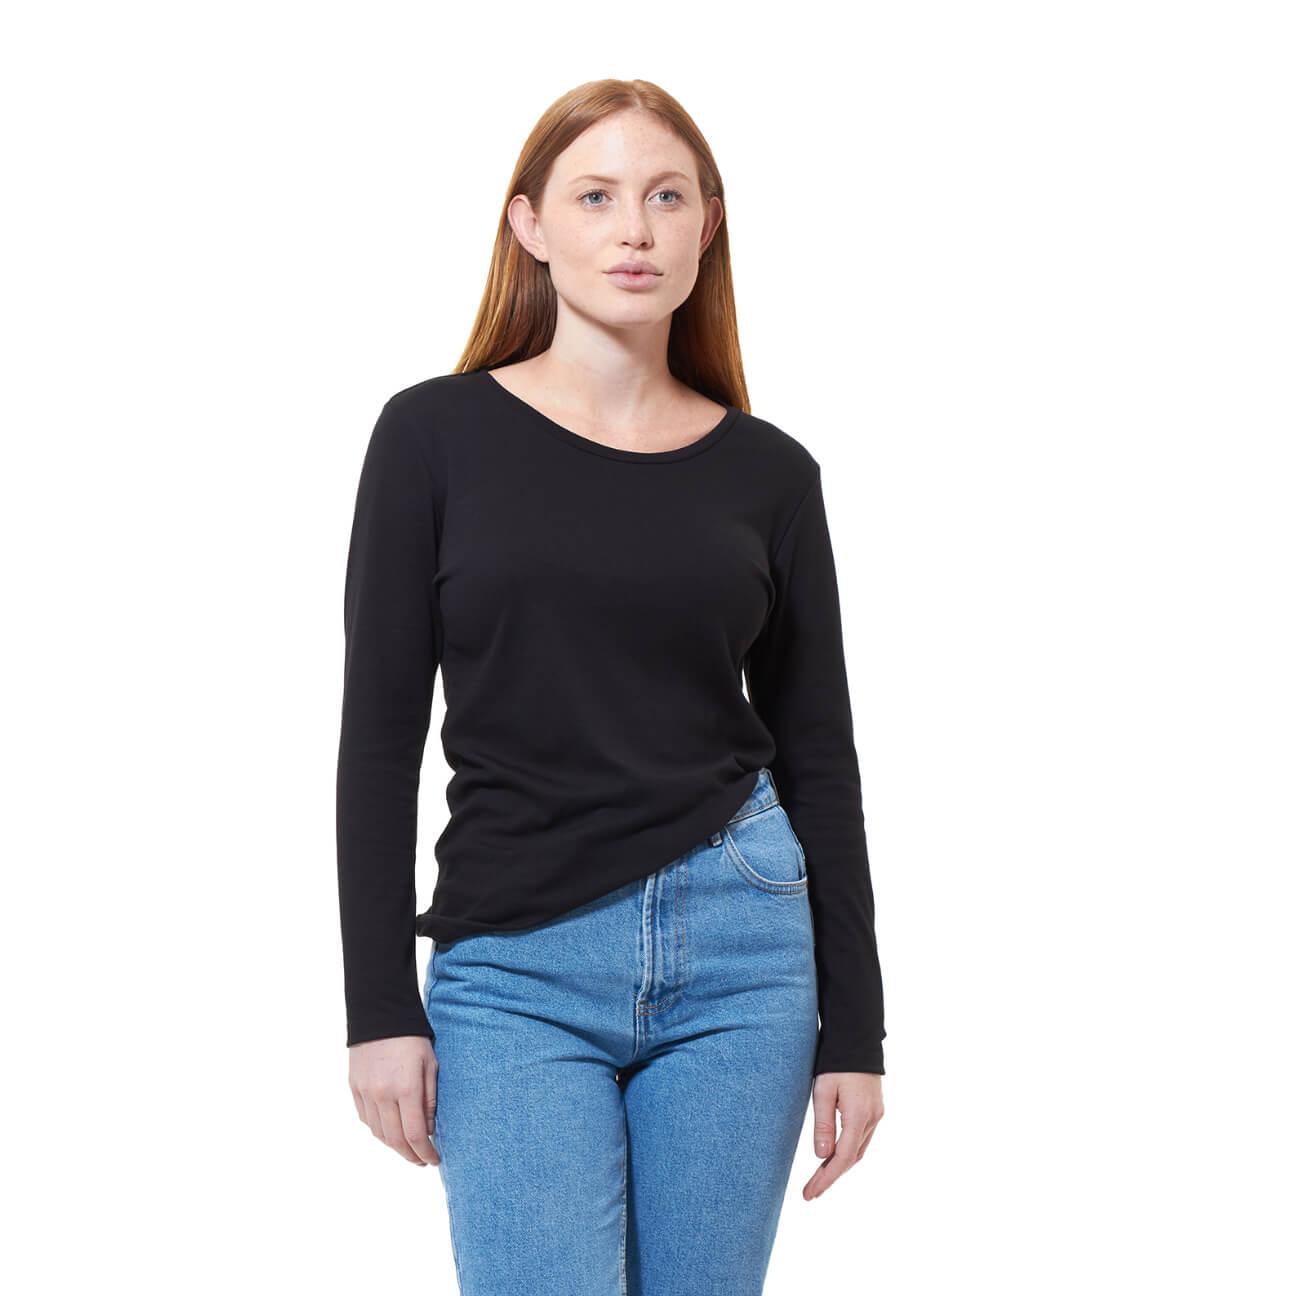 Franela basica dama manga larga negra